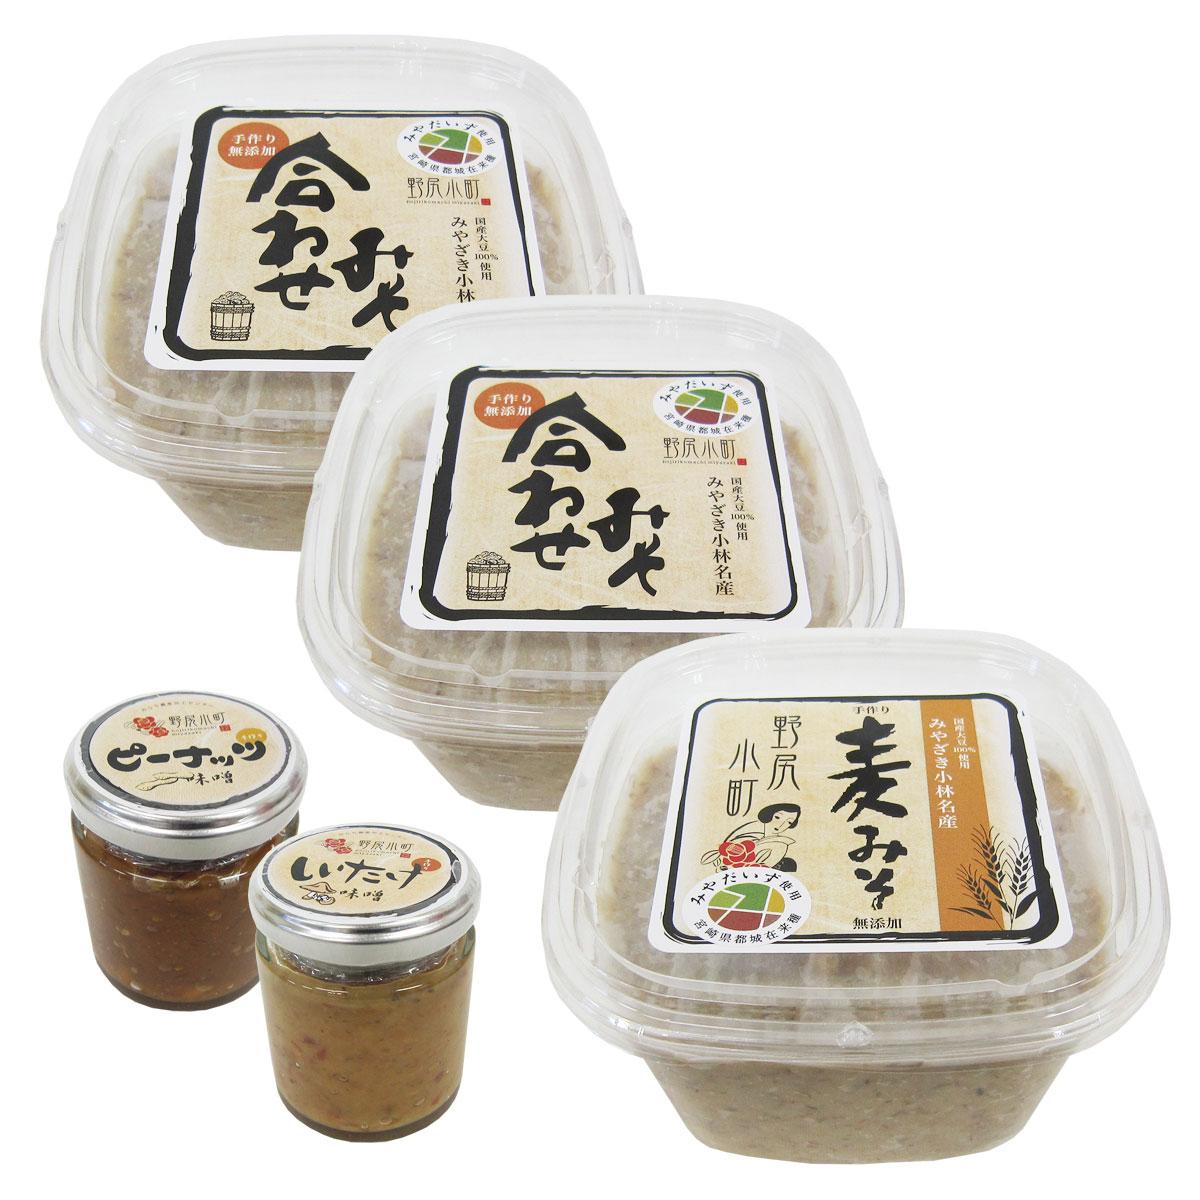 宮崎特産_のじり農産加工センター【 手作り味噌とピーナッツ味噌のセット 】